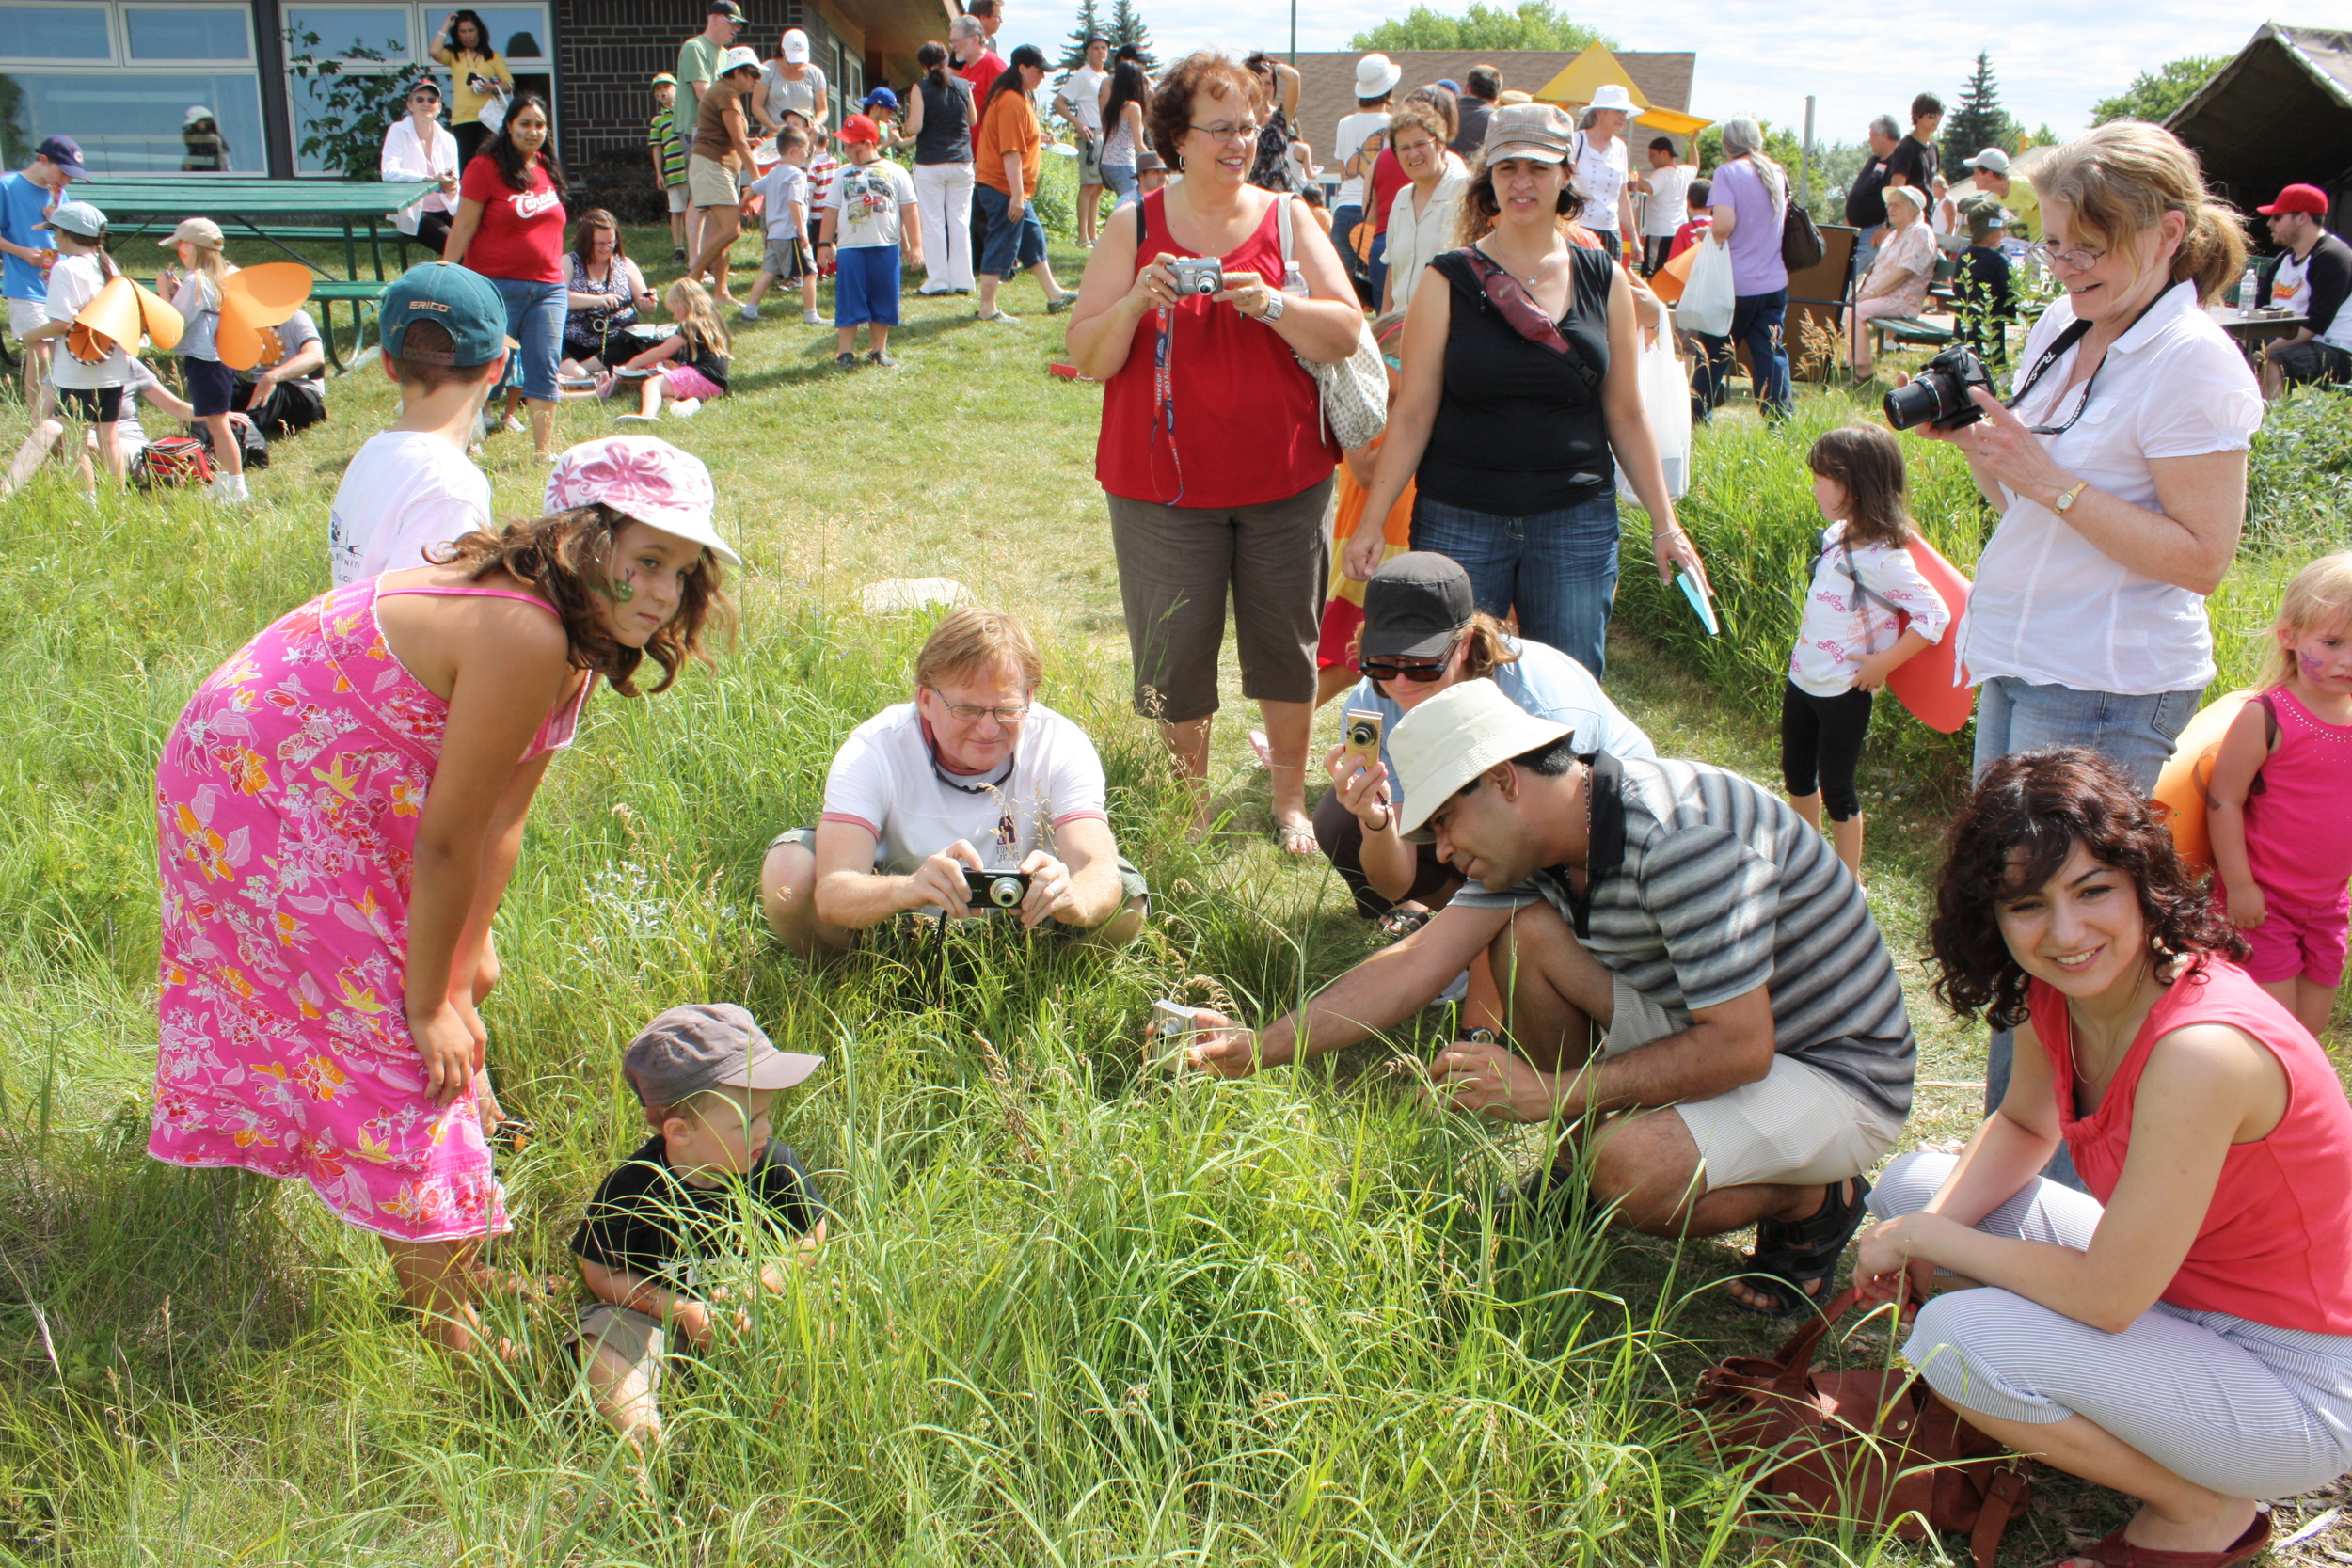 monarchfest2011 128.jpg